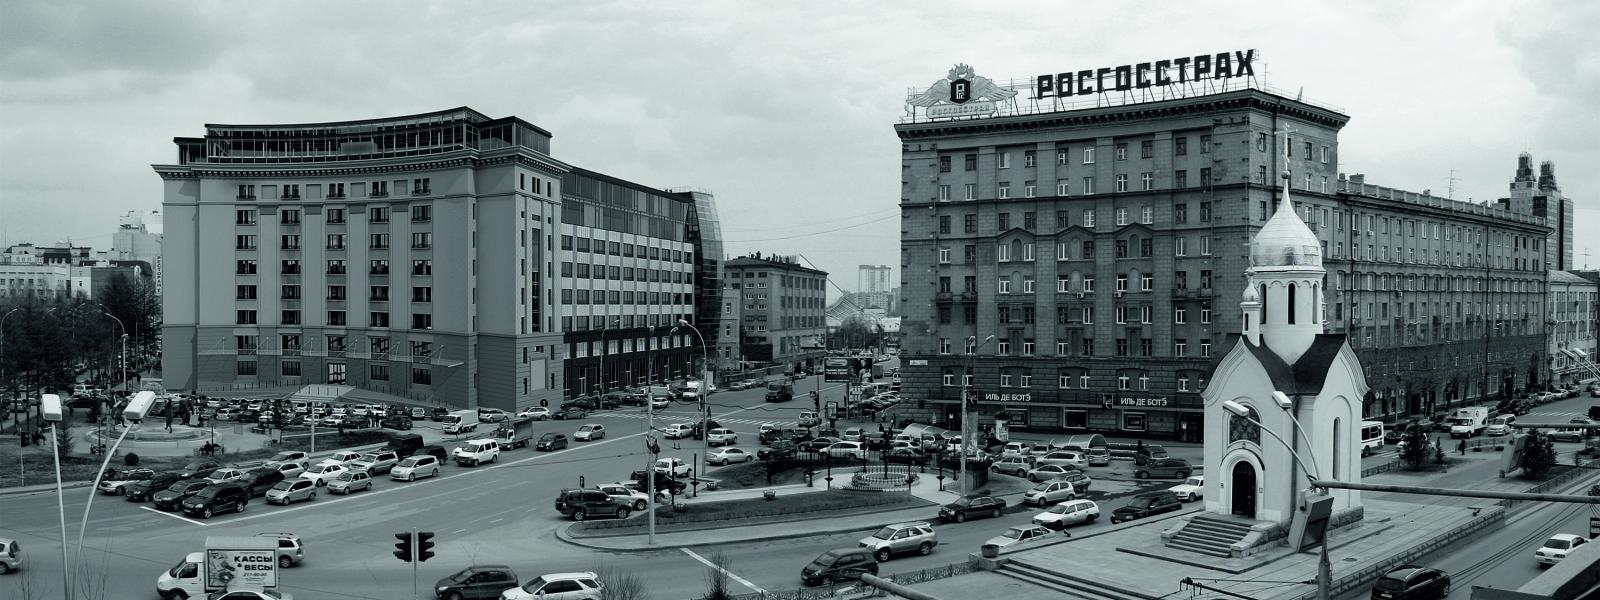 work-Общественно-жилой комплекс на базе реконструкции производственного корпуса №1 НИИИПа в Новосибирске